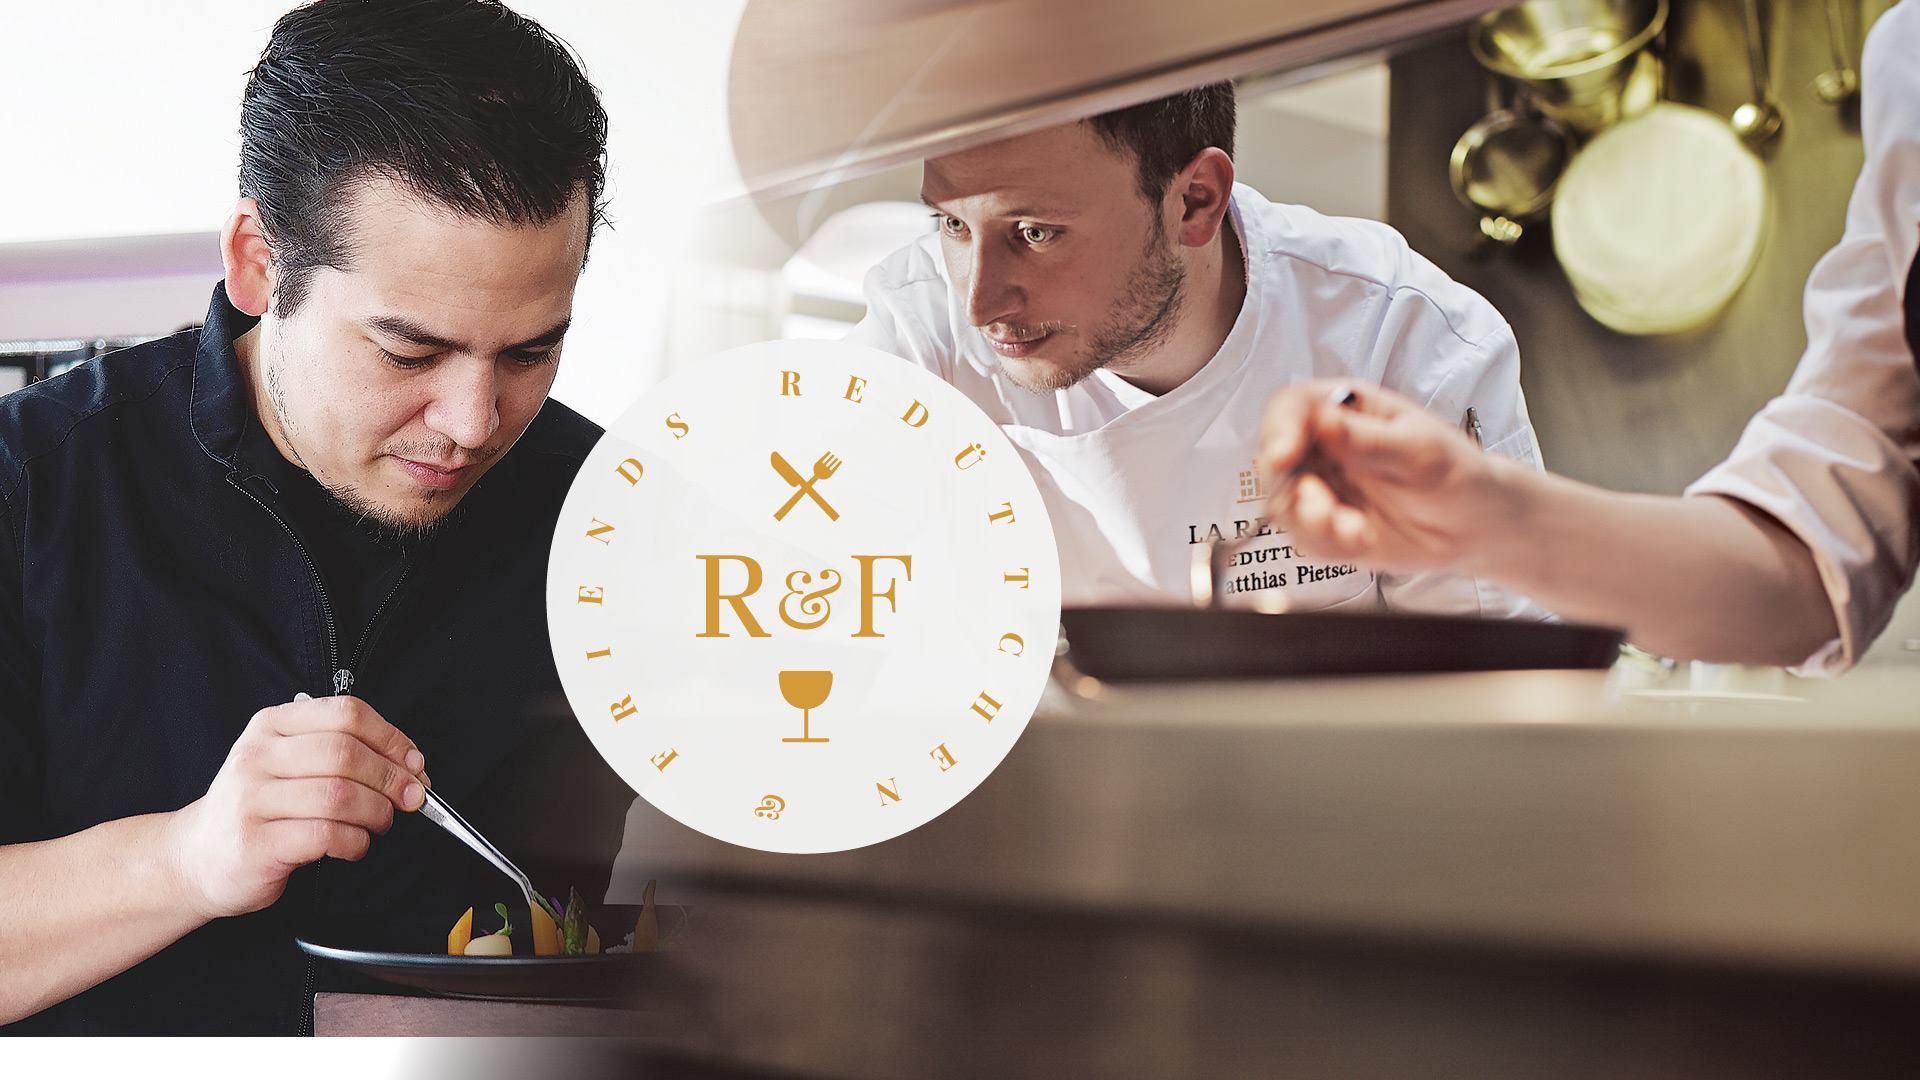 Redüttchen & Friends zum zweiten Mal im Restaurant in Bonn.